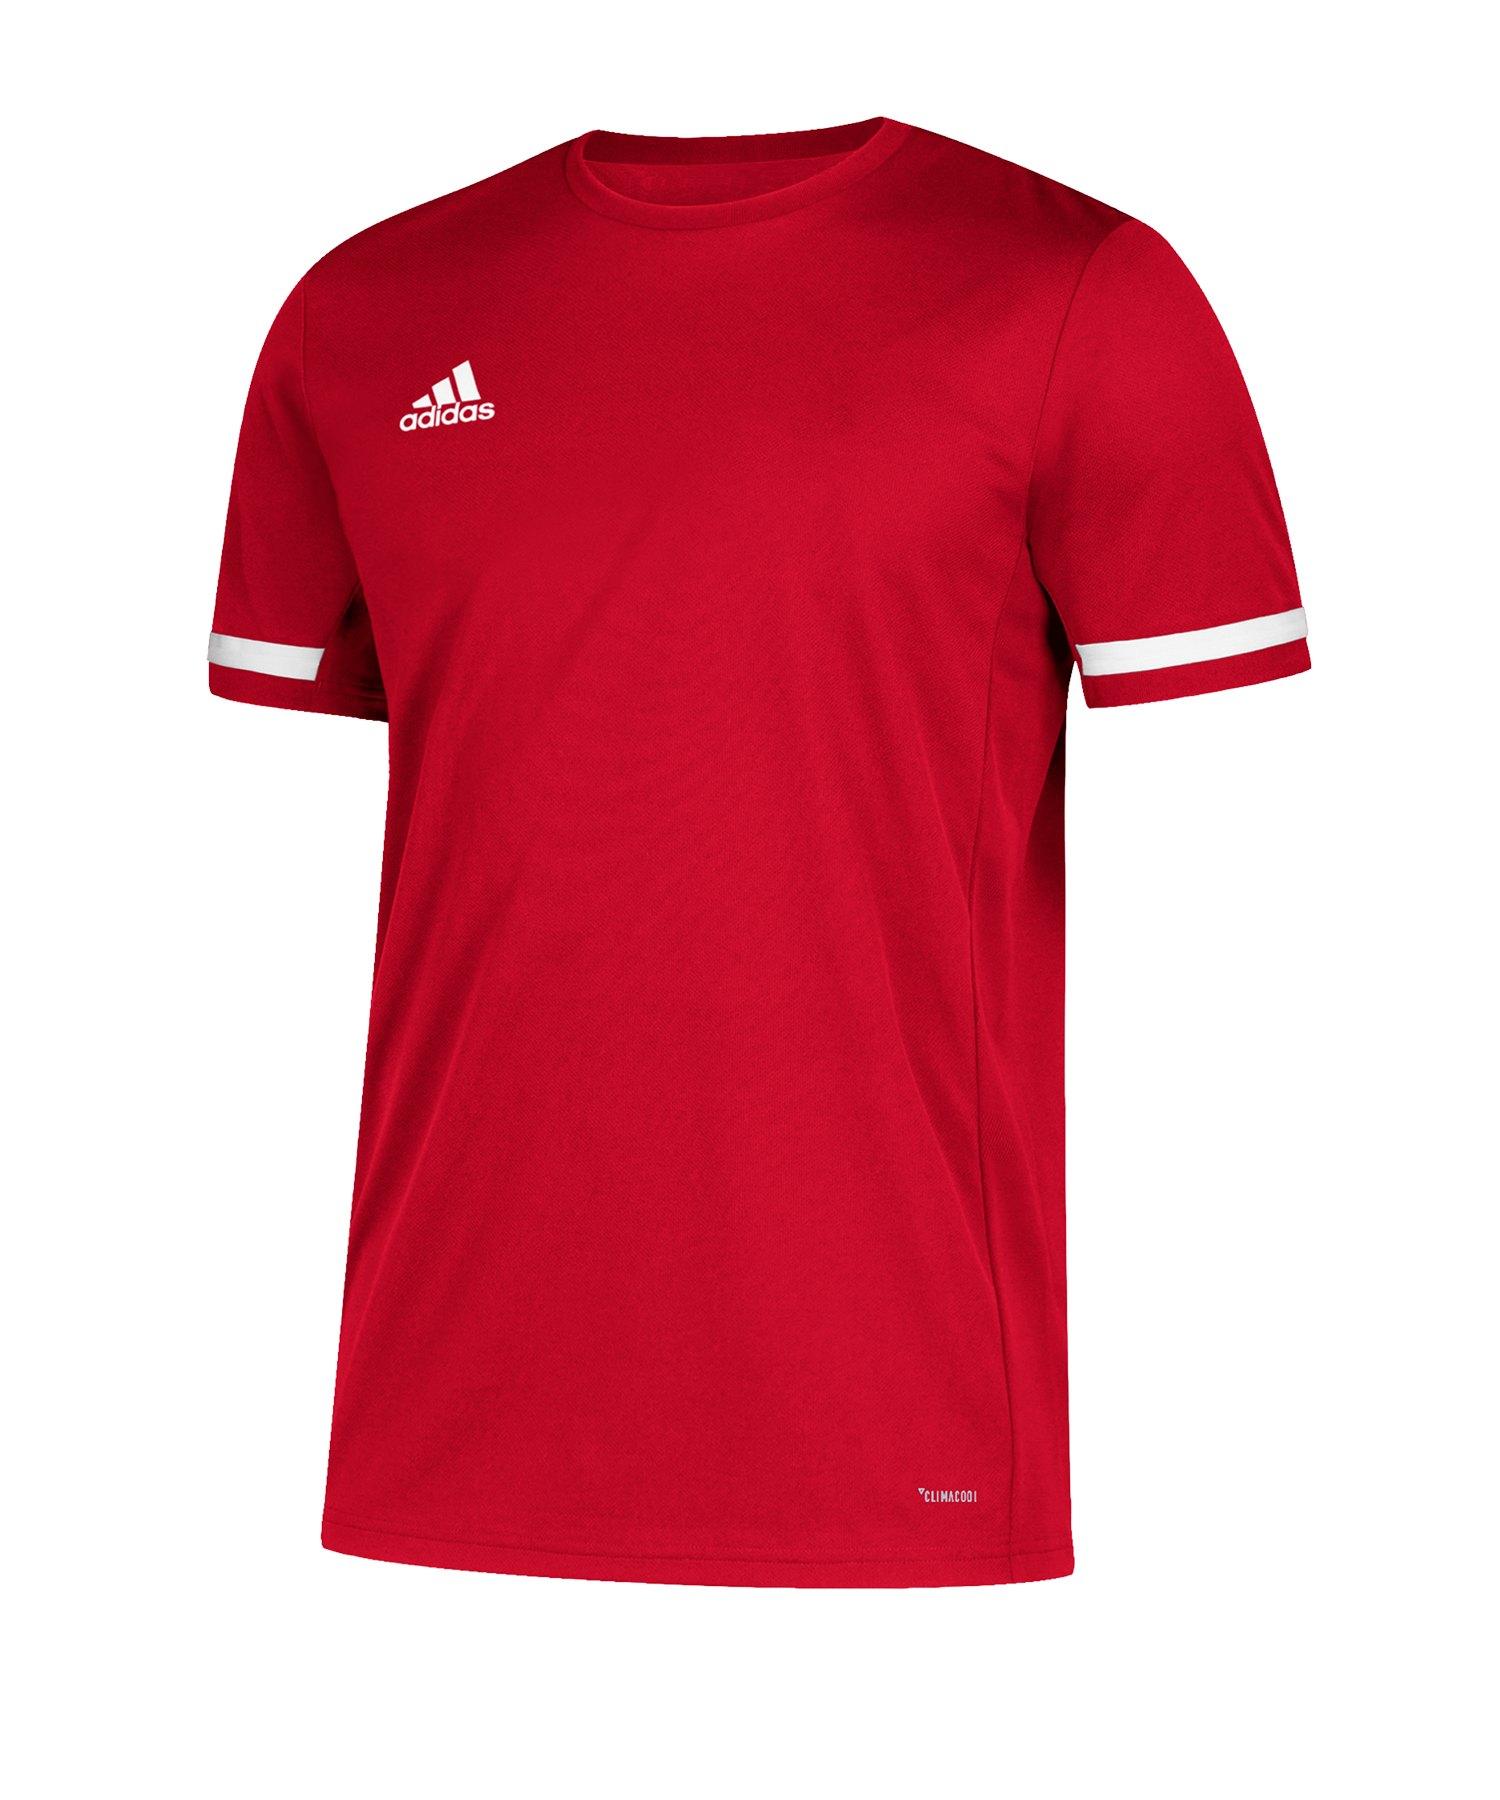 adidas Team 19 Trikot kurzarm Rot Weiss - rot